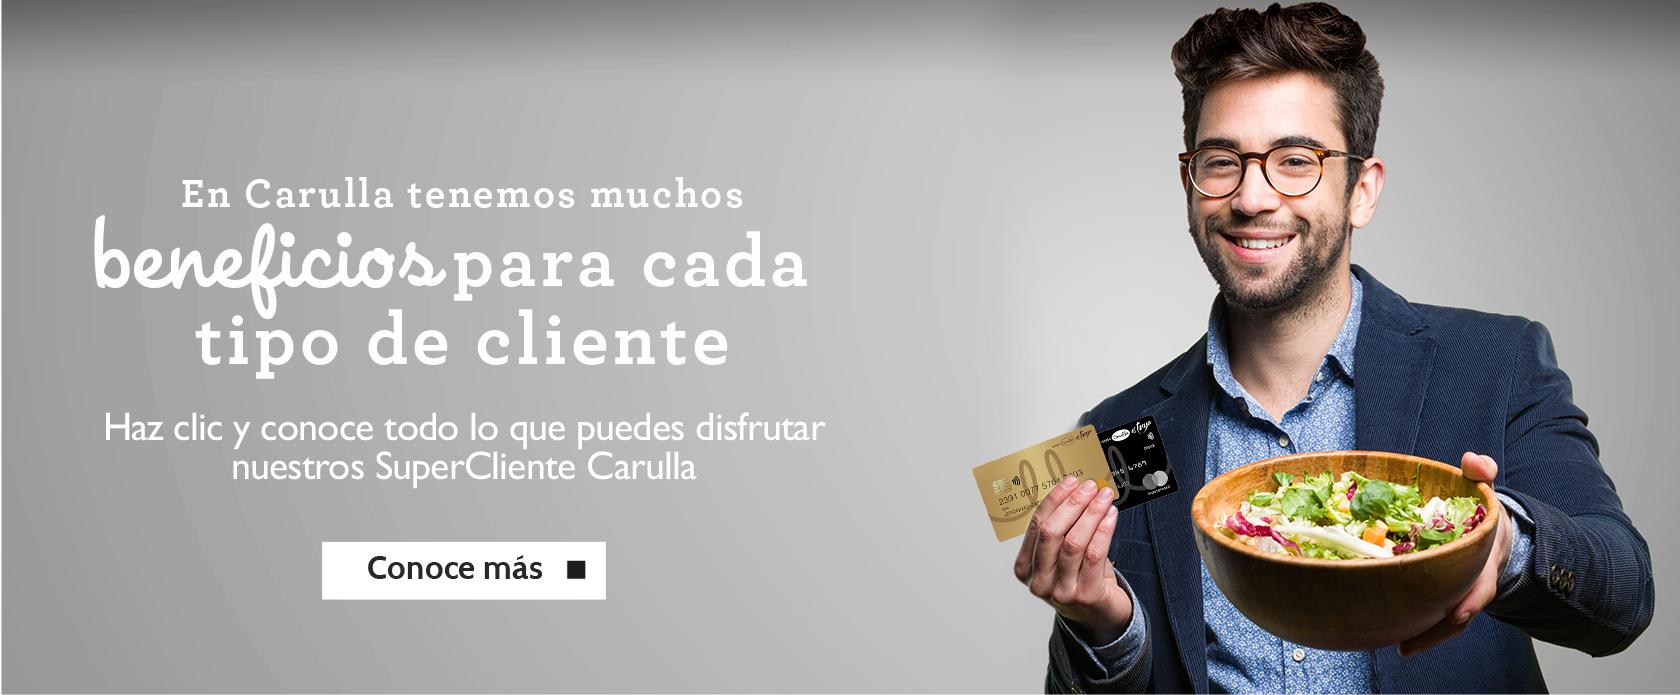 Descubre todos los beneficios que tenemos para ti en Super Cliente Carulla. Disfruta de Cocina de mercado, Puntos Colombia y muchos más.